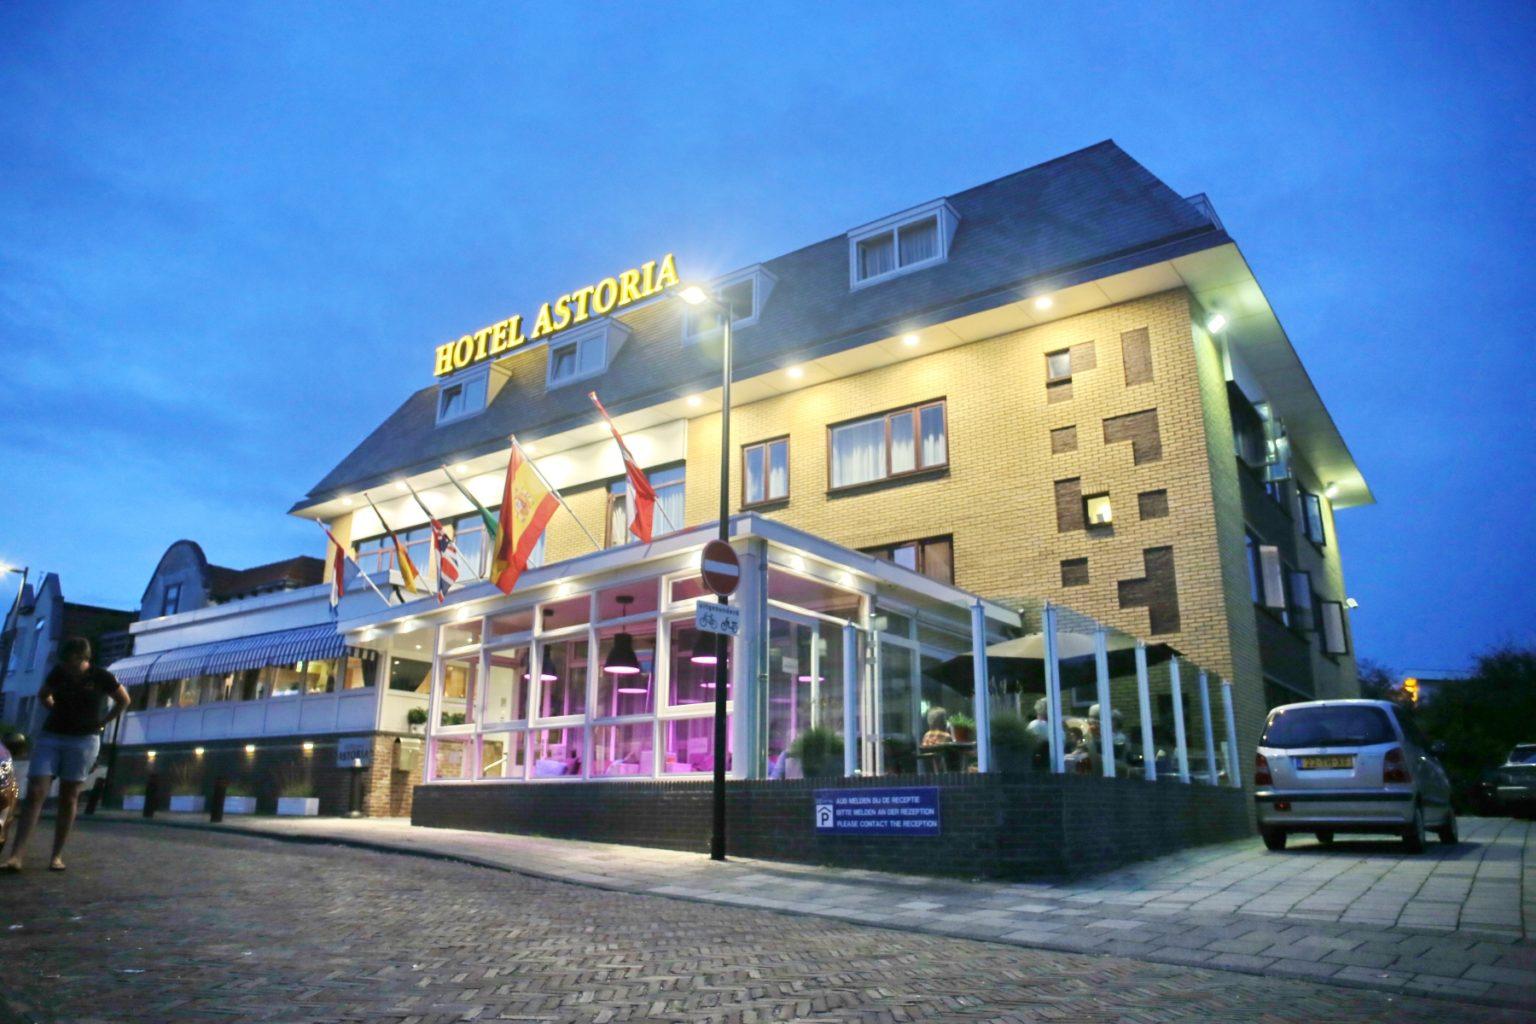 Hotel Astoria Noordwijk